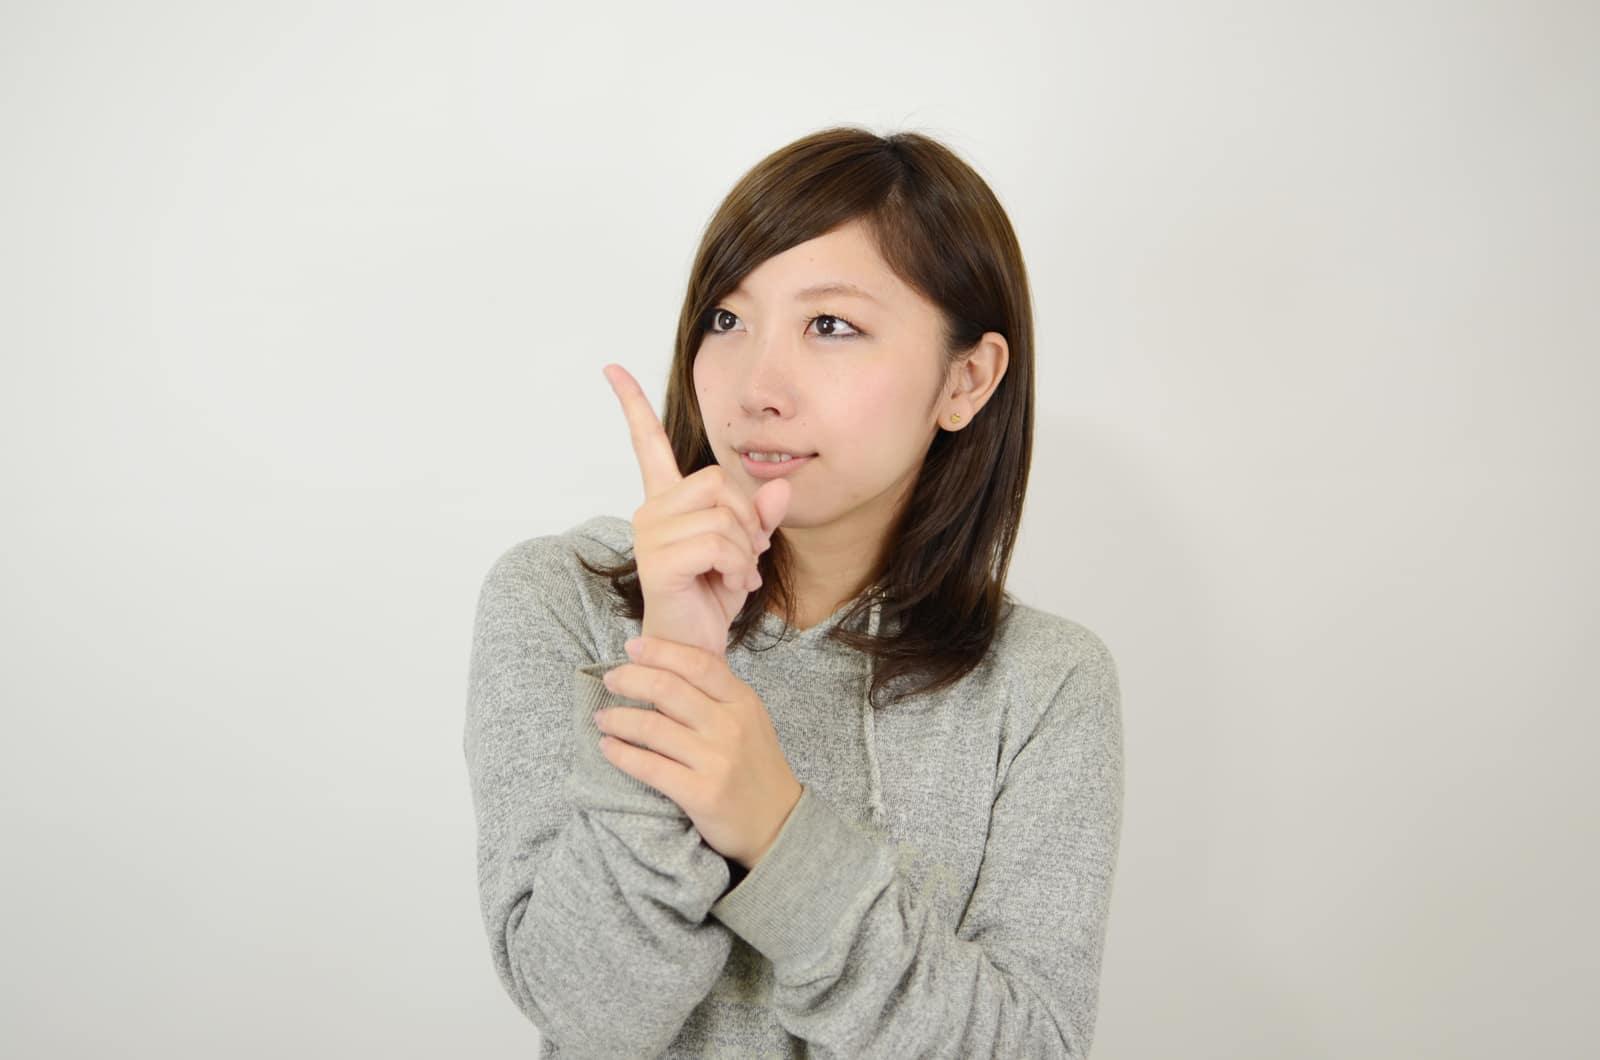 婚活悩み相談!月収21万円の男性と結婚生活を送ることはできるのか?